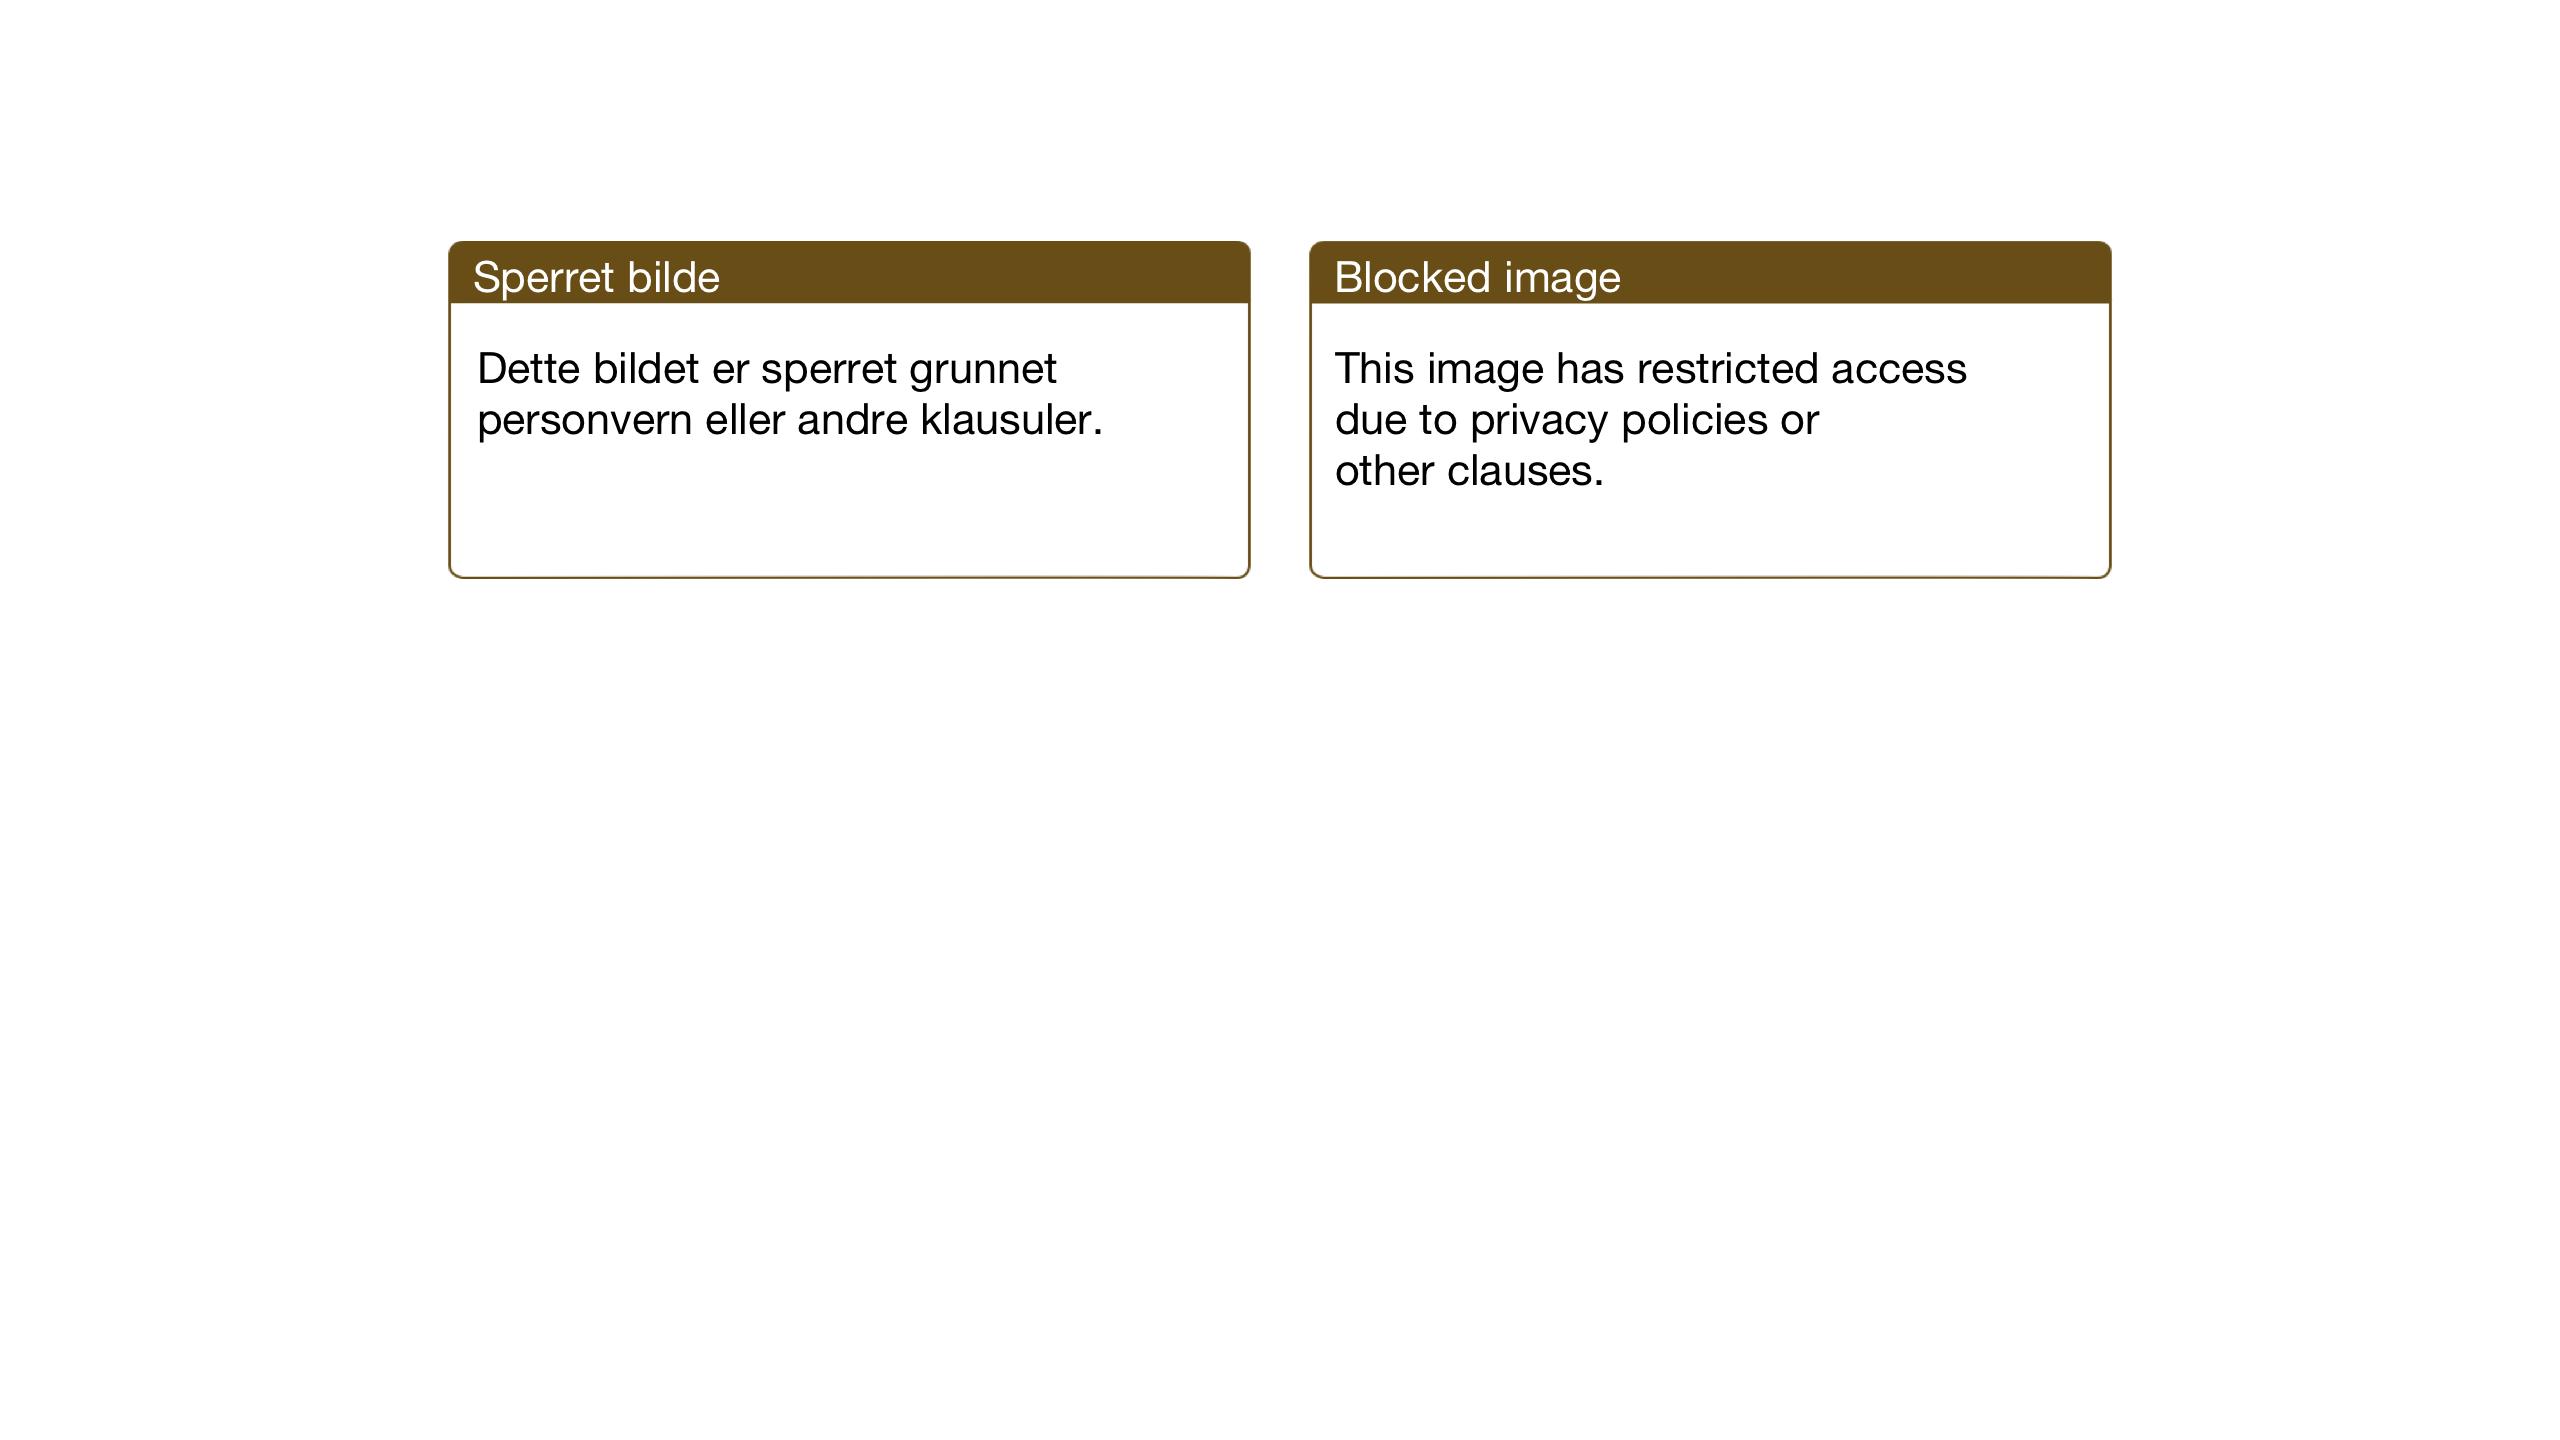 SAT, Ministerialprotokoller, klokkerbøker og fødselsregistre - Sør-Trøndelag, 674/L0878: Klokkerbok nr. 674C05, 1941-1950, s. 133